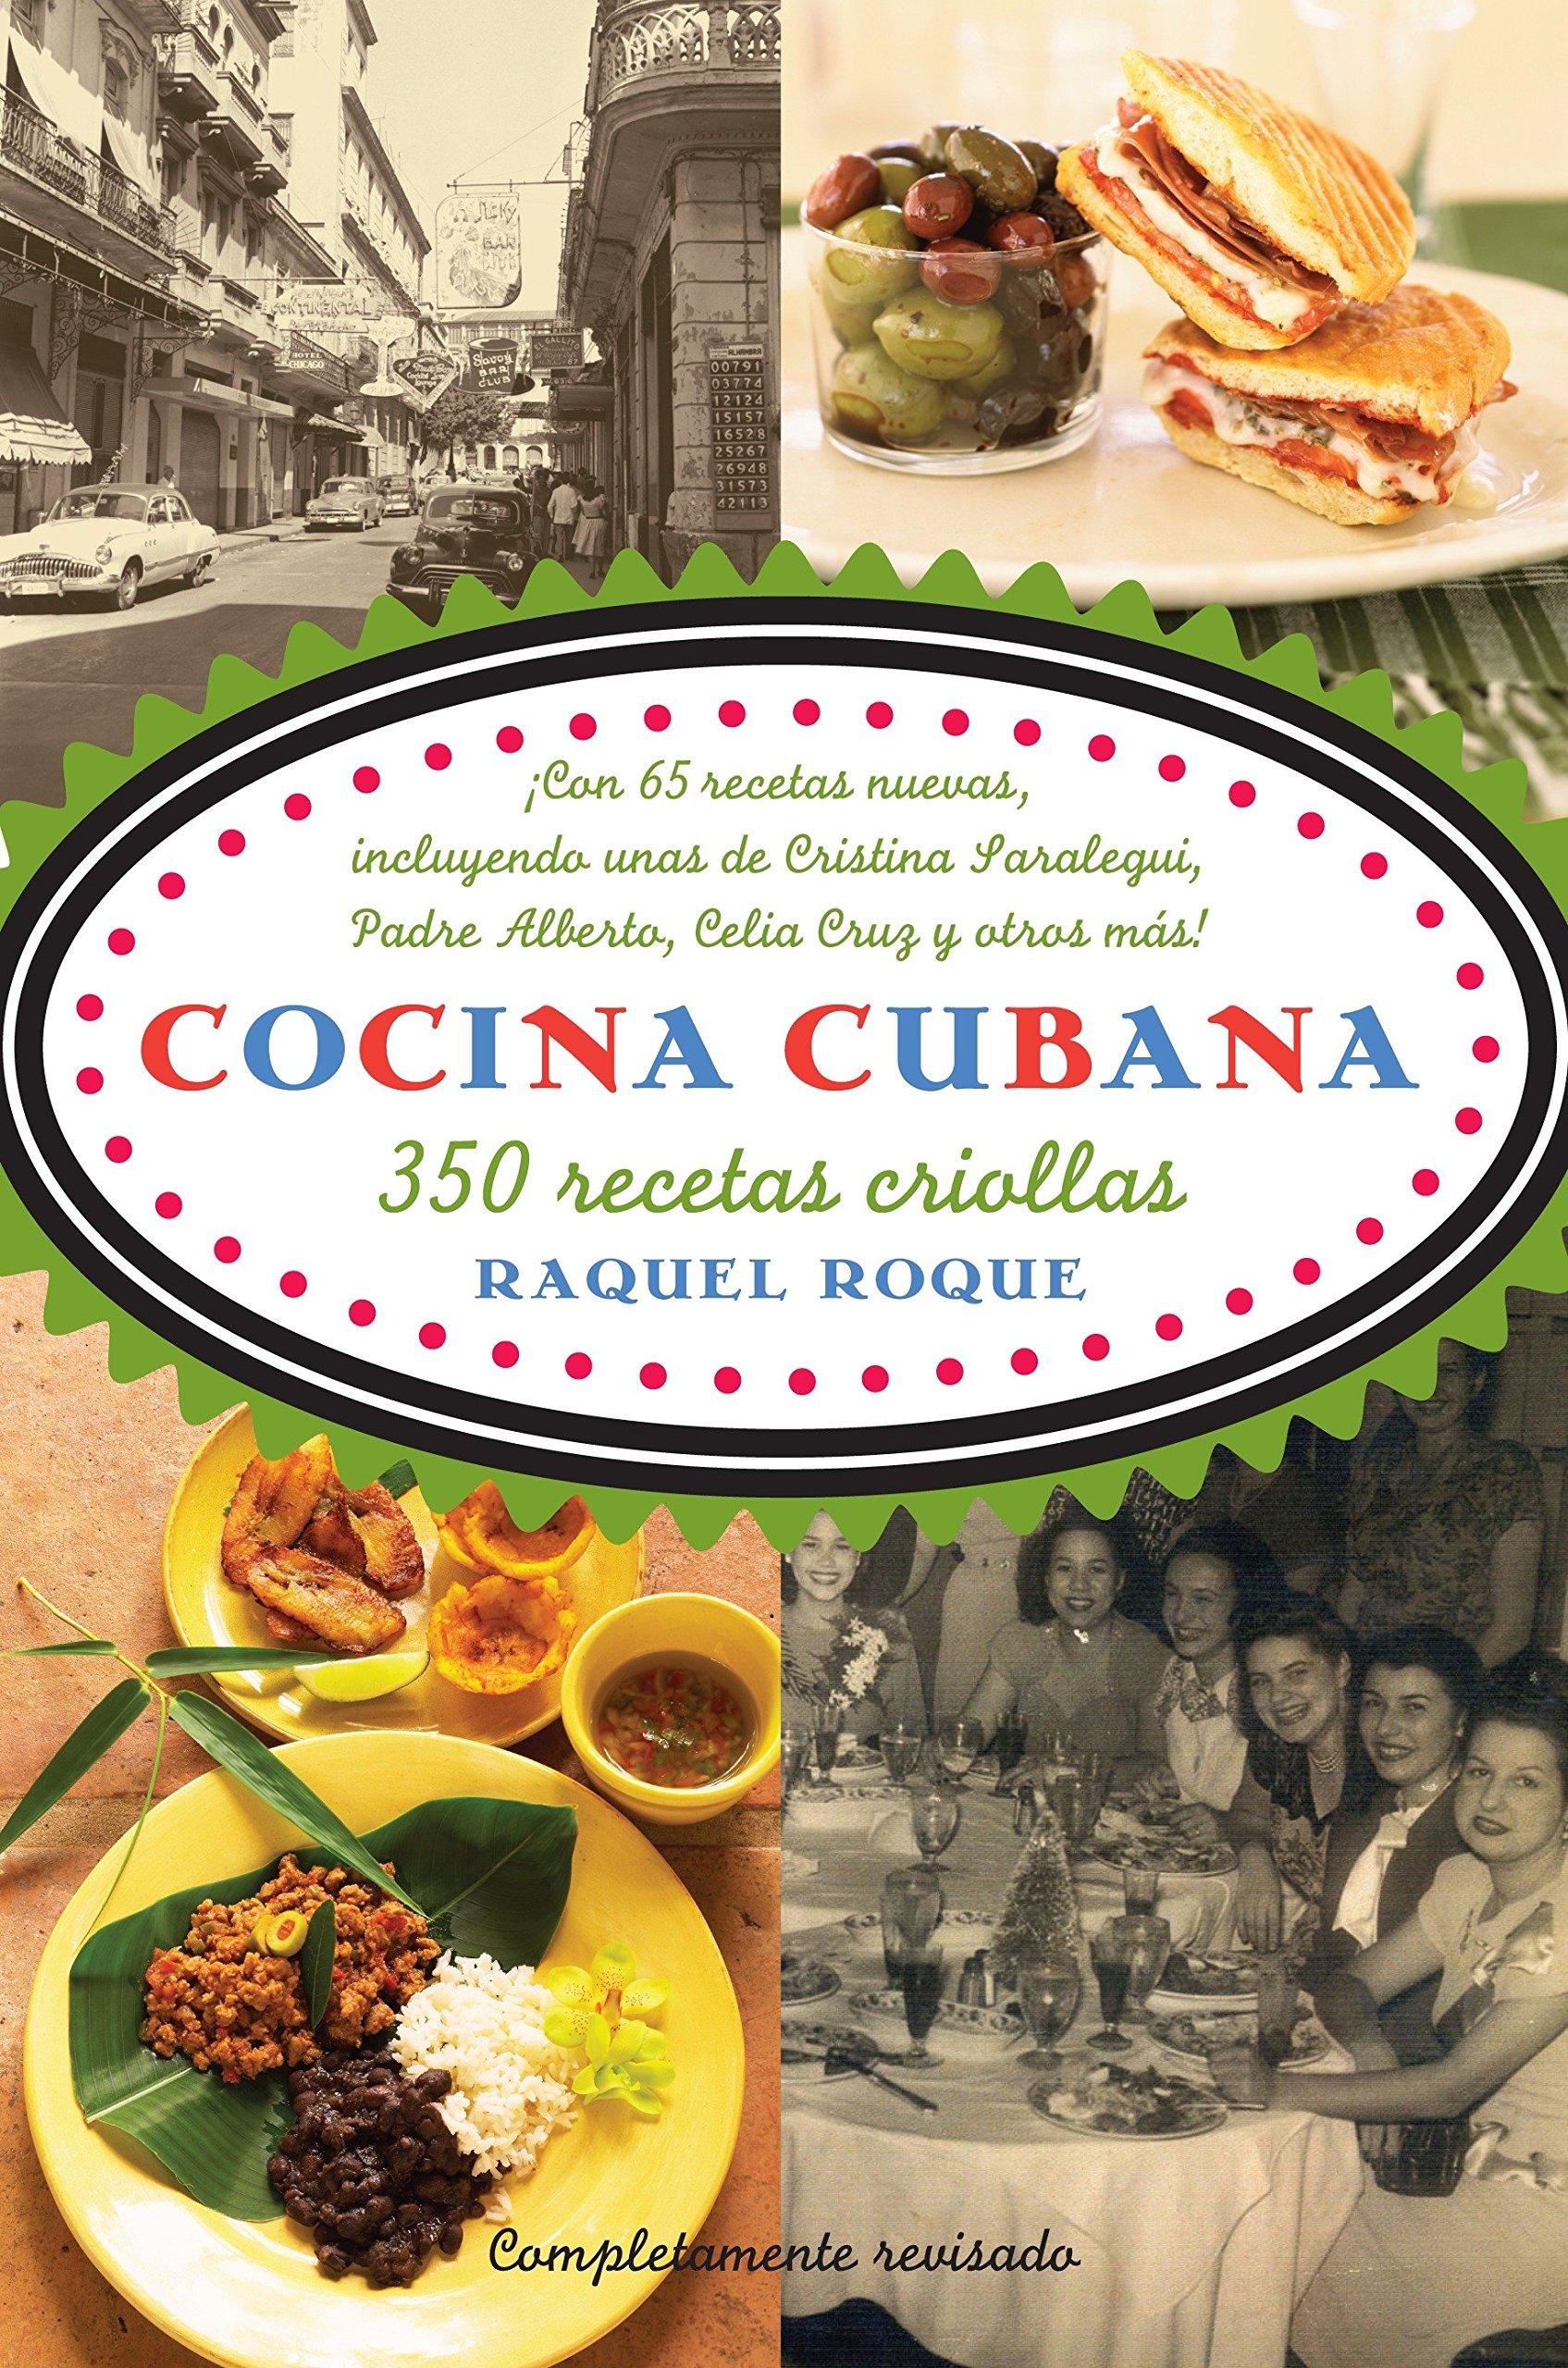 Cocina cubana: 350 recetas criollas (Spanish Edition) by Vintage Espanol